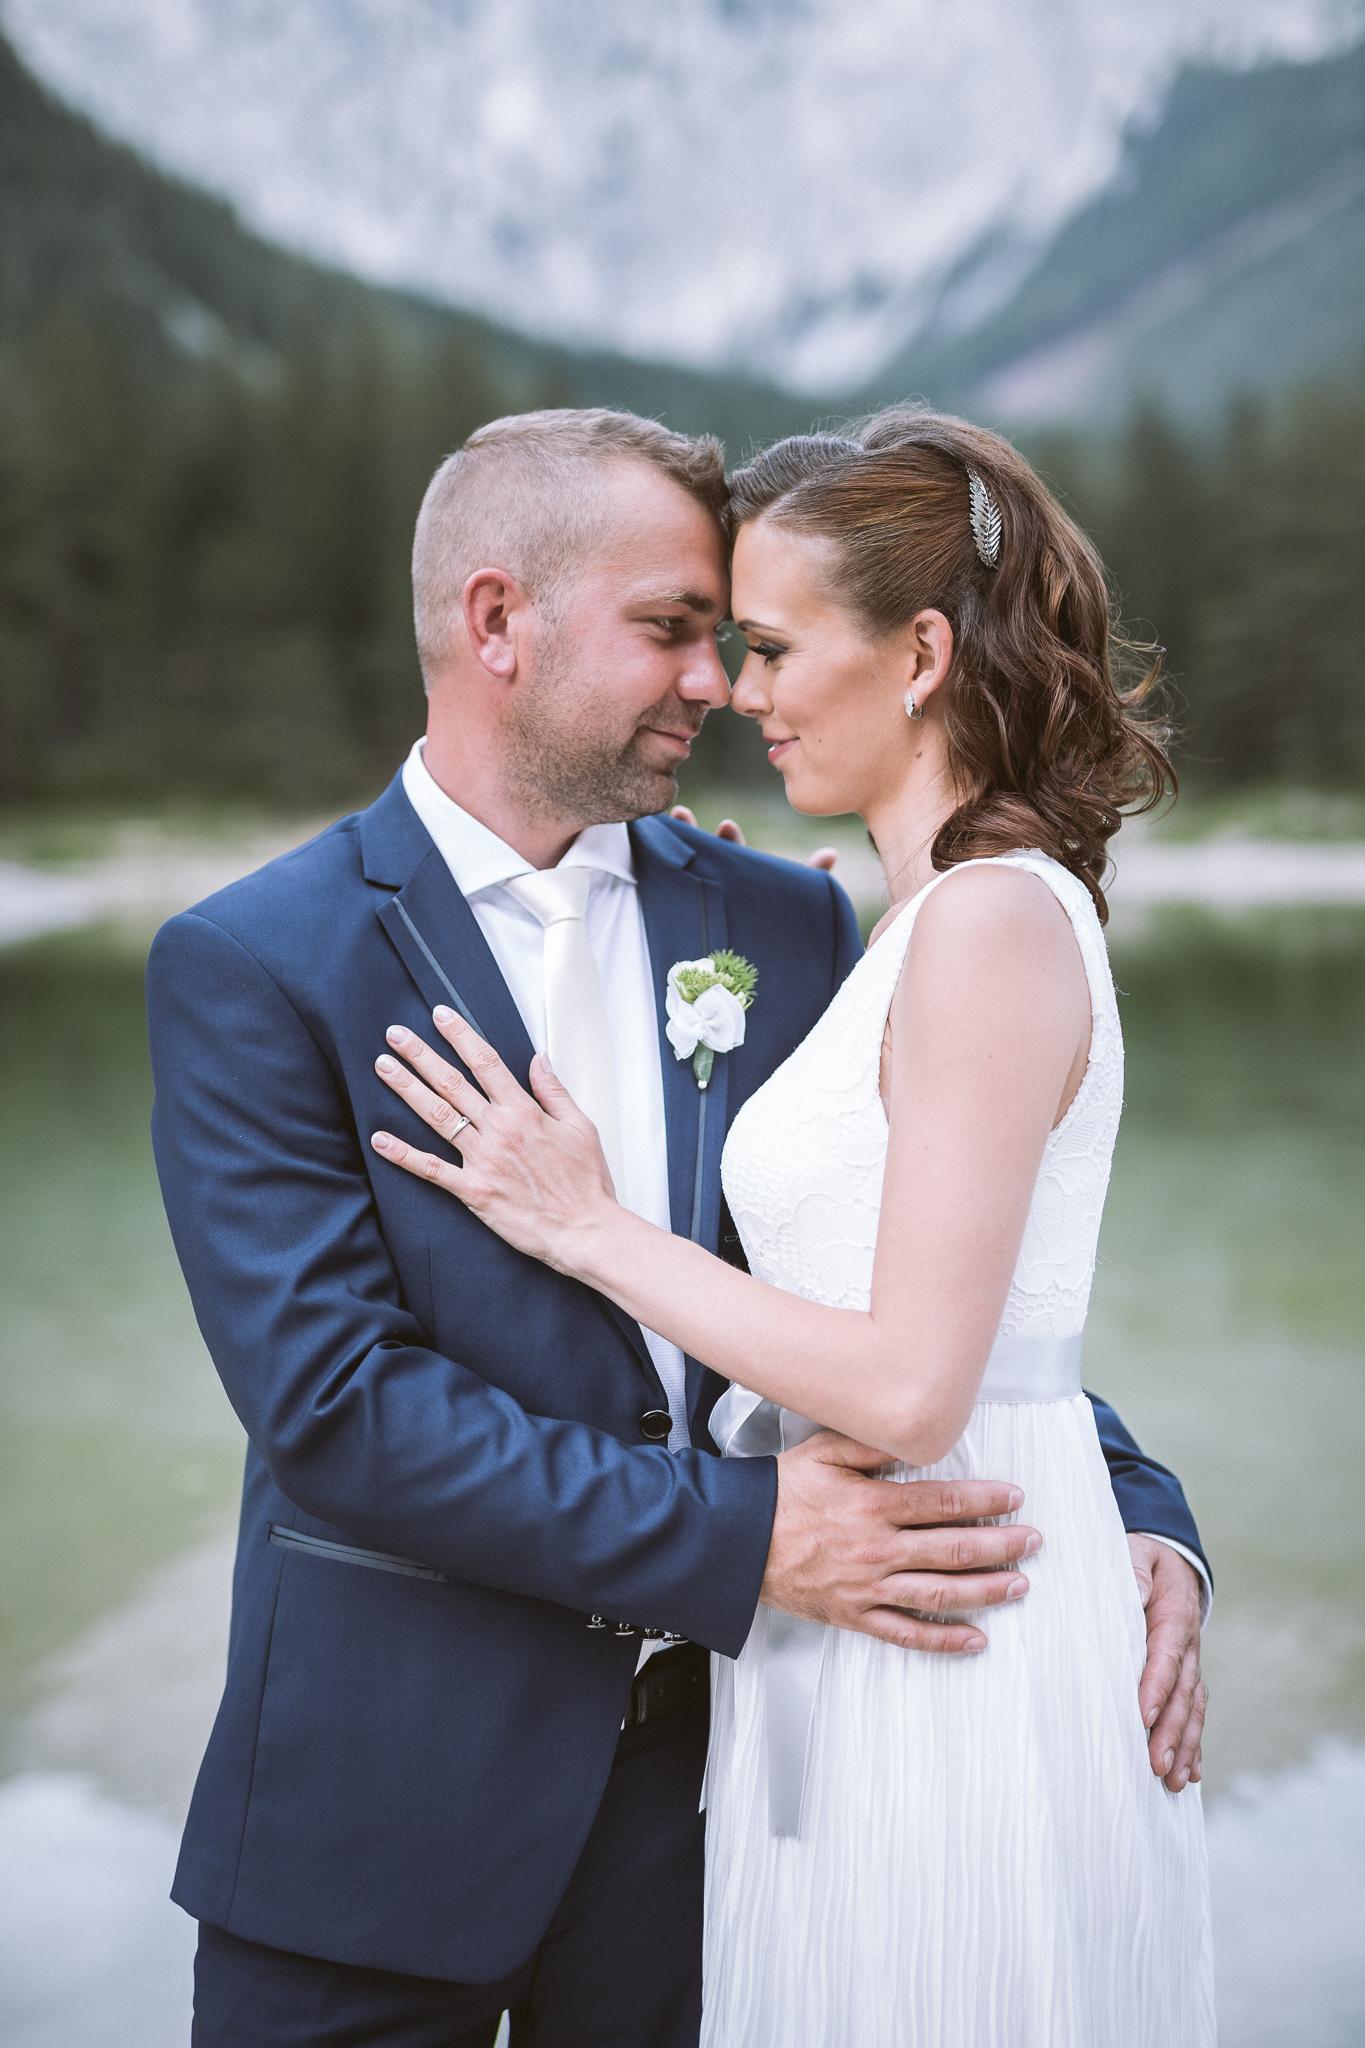 FylepPhoto, esküvőfotózás, magyarország, esküvői fotós, vasmegye, prémium, jegyesfotózás, Fülöp Péter, körmend, kreatív, grüner see_27.jpg